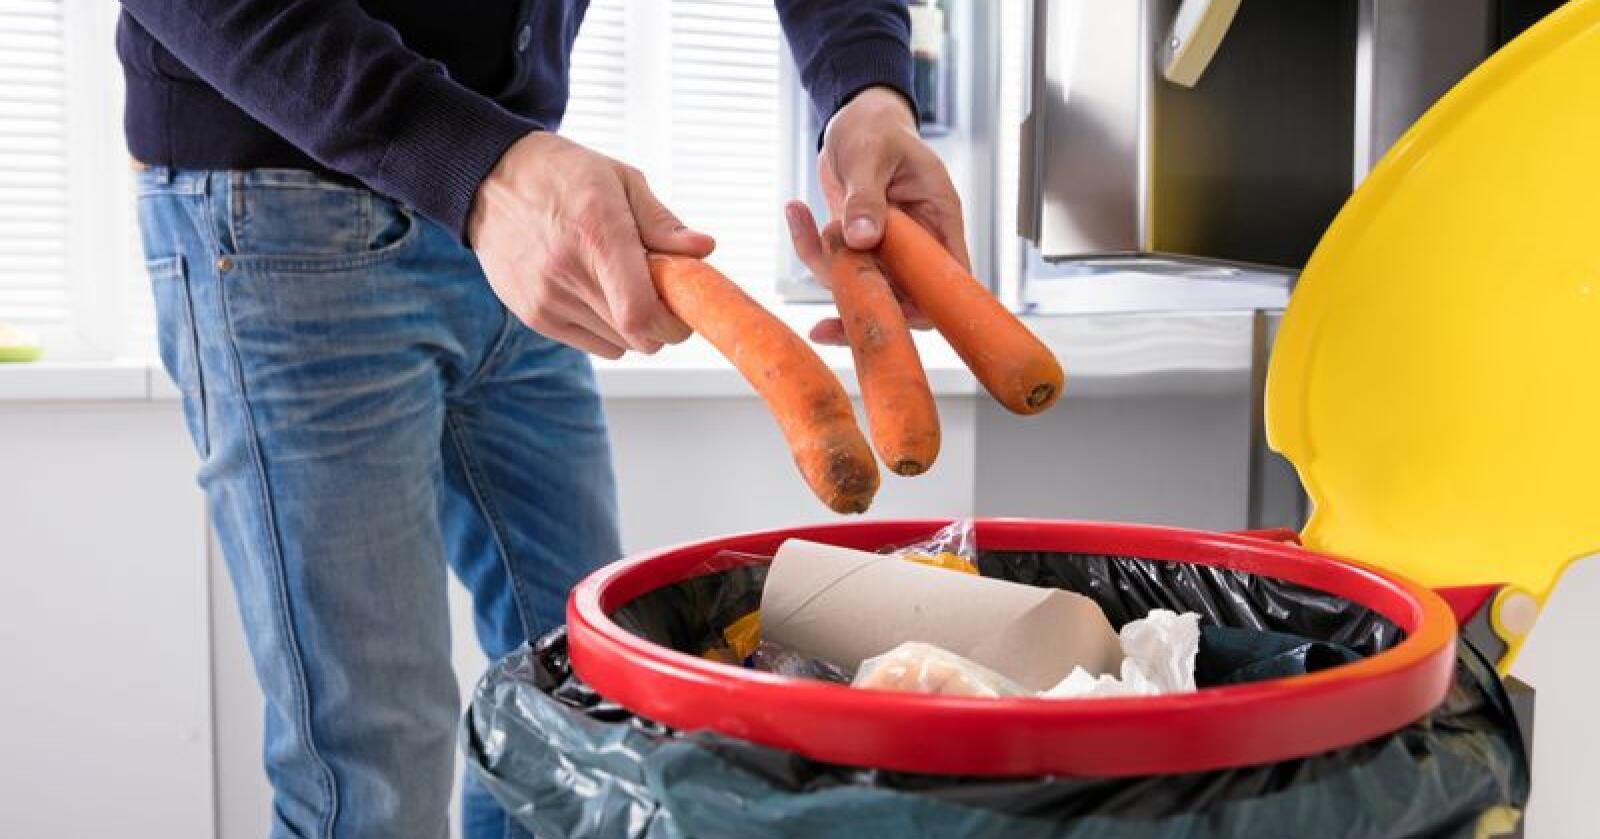 Matkasting: Det er ubehagelig å se all maten som blir kastet, skriver Torleik Svelle. Foto: Andrey Popov / Mostphotos